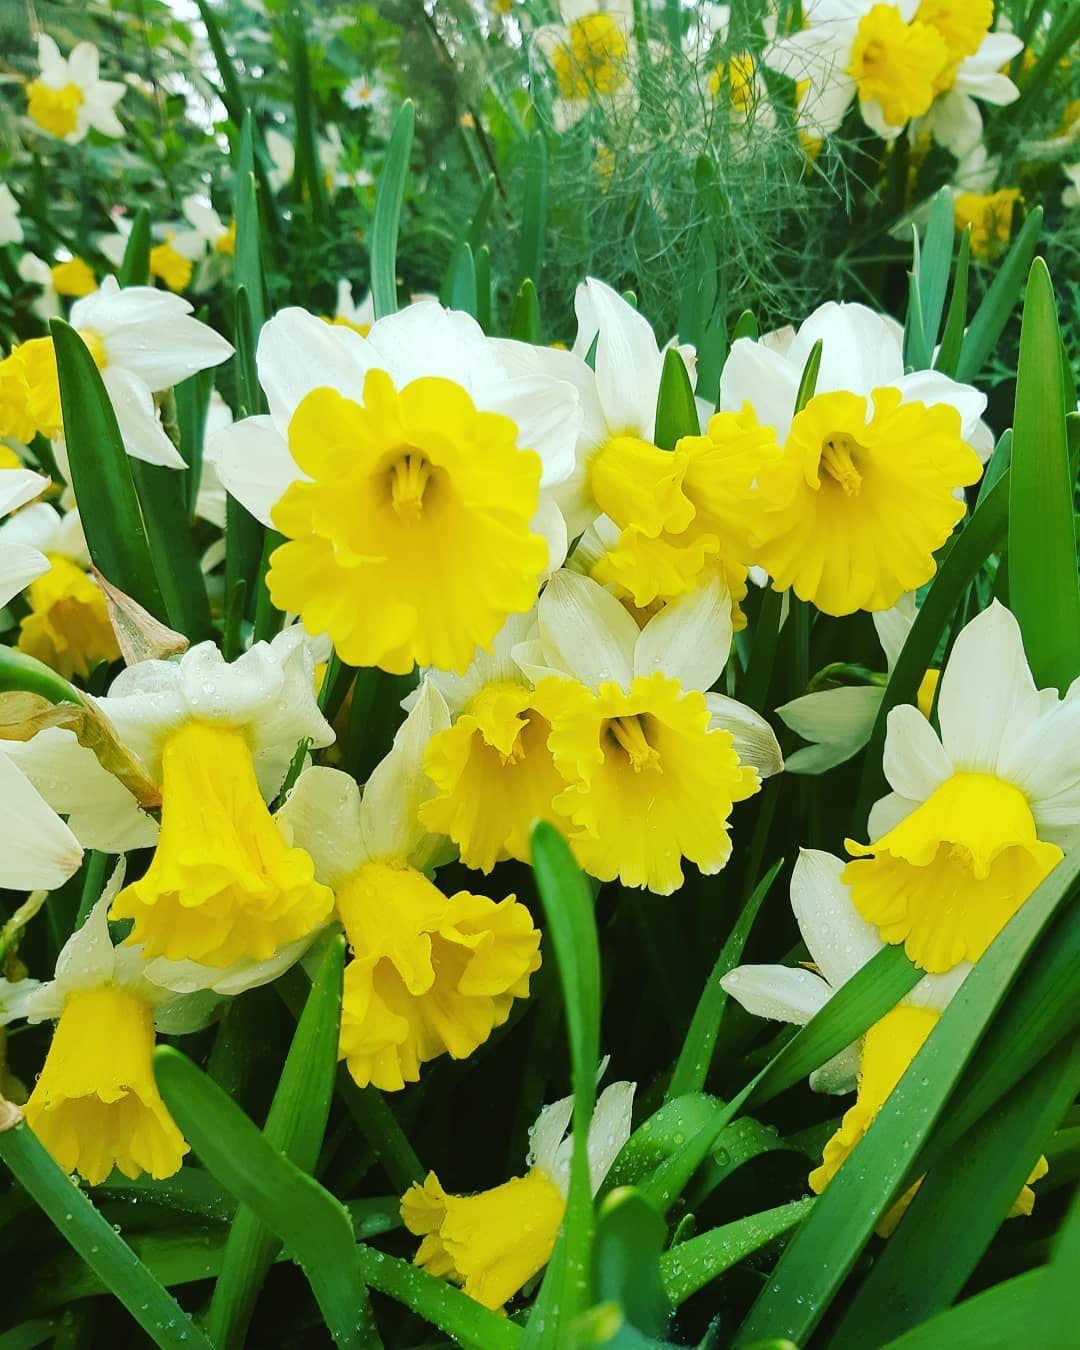 Narsis For N Narsis Atau Narcisccus Dikenal Juga Dengan Nama